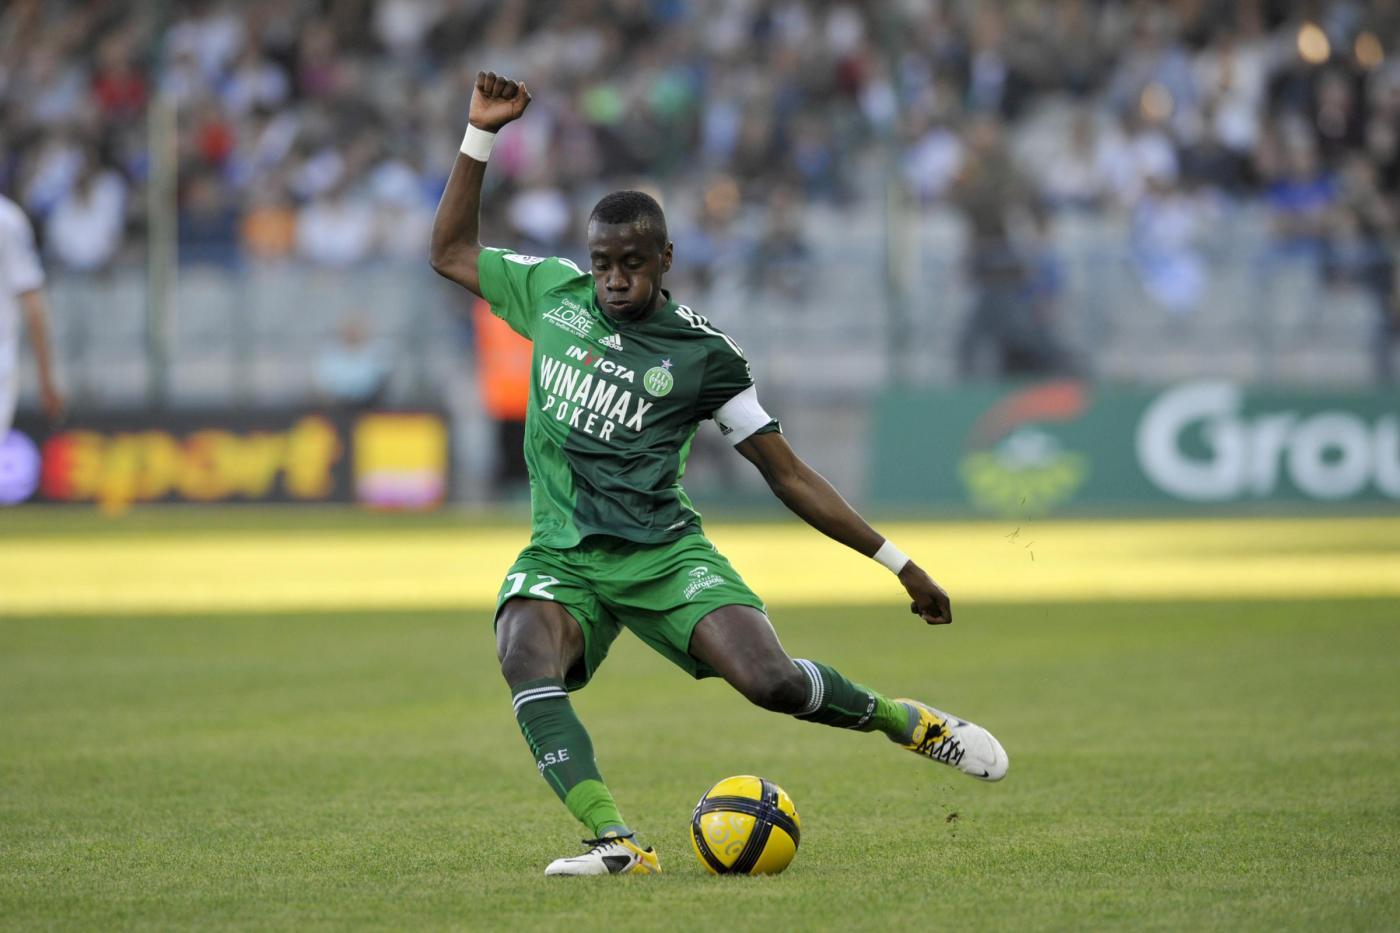 St.Etienne-Angers 4 novembre: si gioca per la 12 esima giornata del campionato francese. Entrambe le squadre sono in crisi.